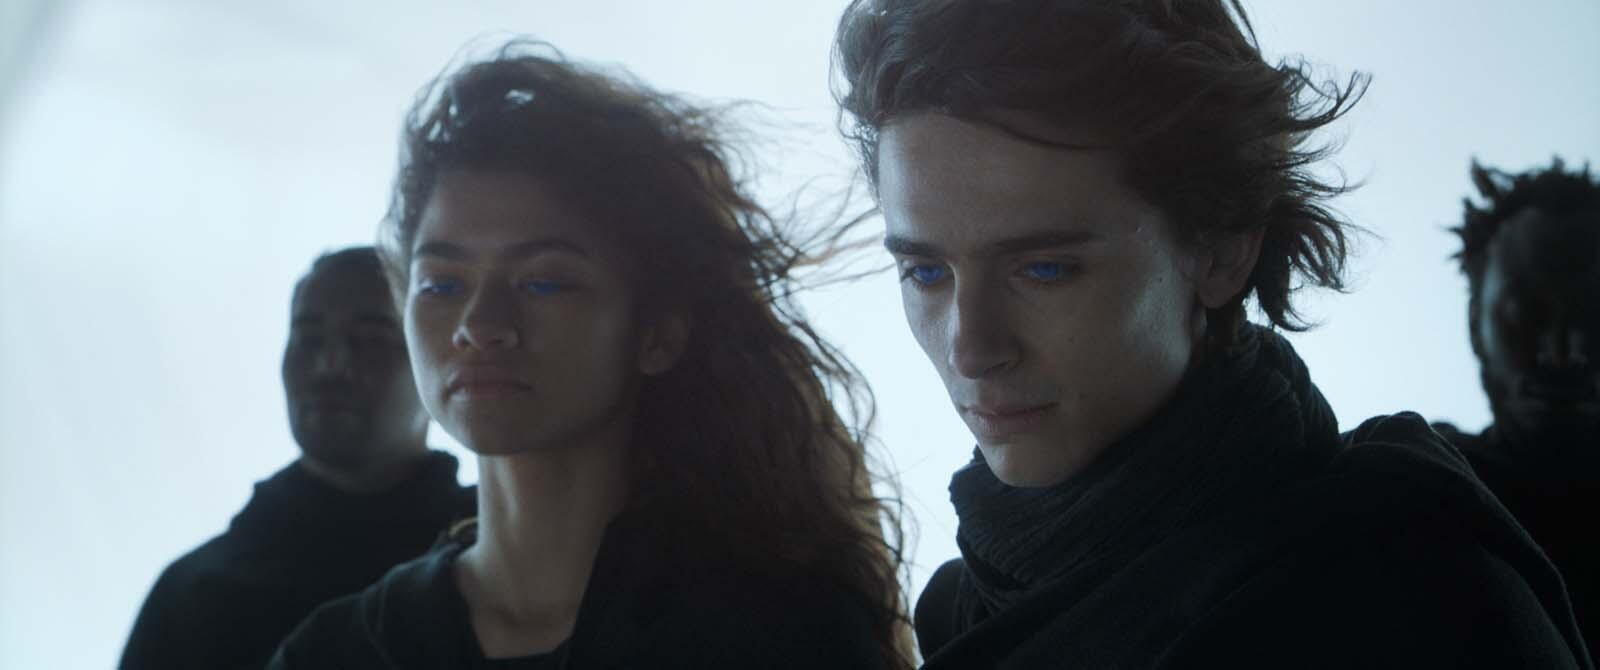 Zendaya et Timothée Chalamet, à l'affiche de «Dune» de Denis Villeneuve.